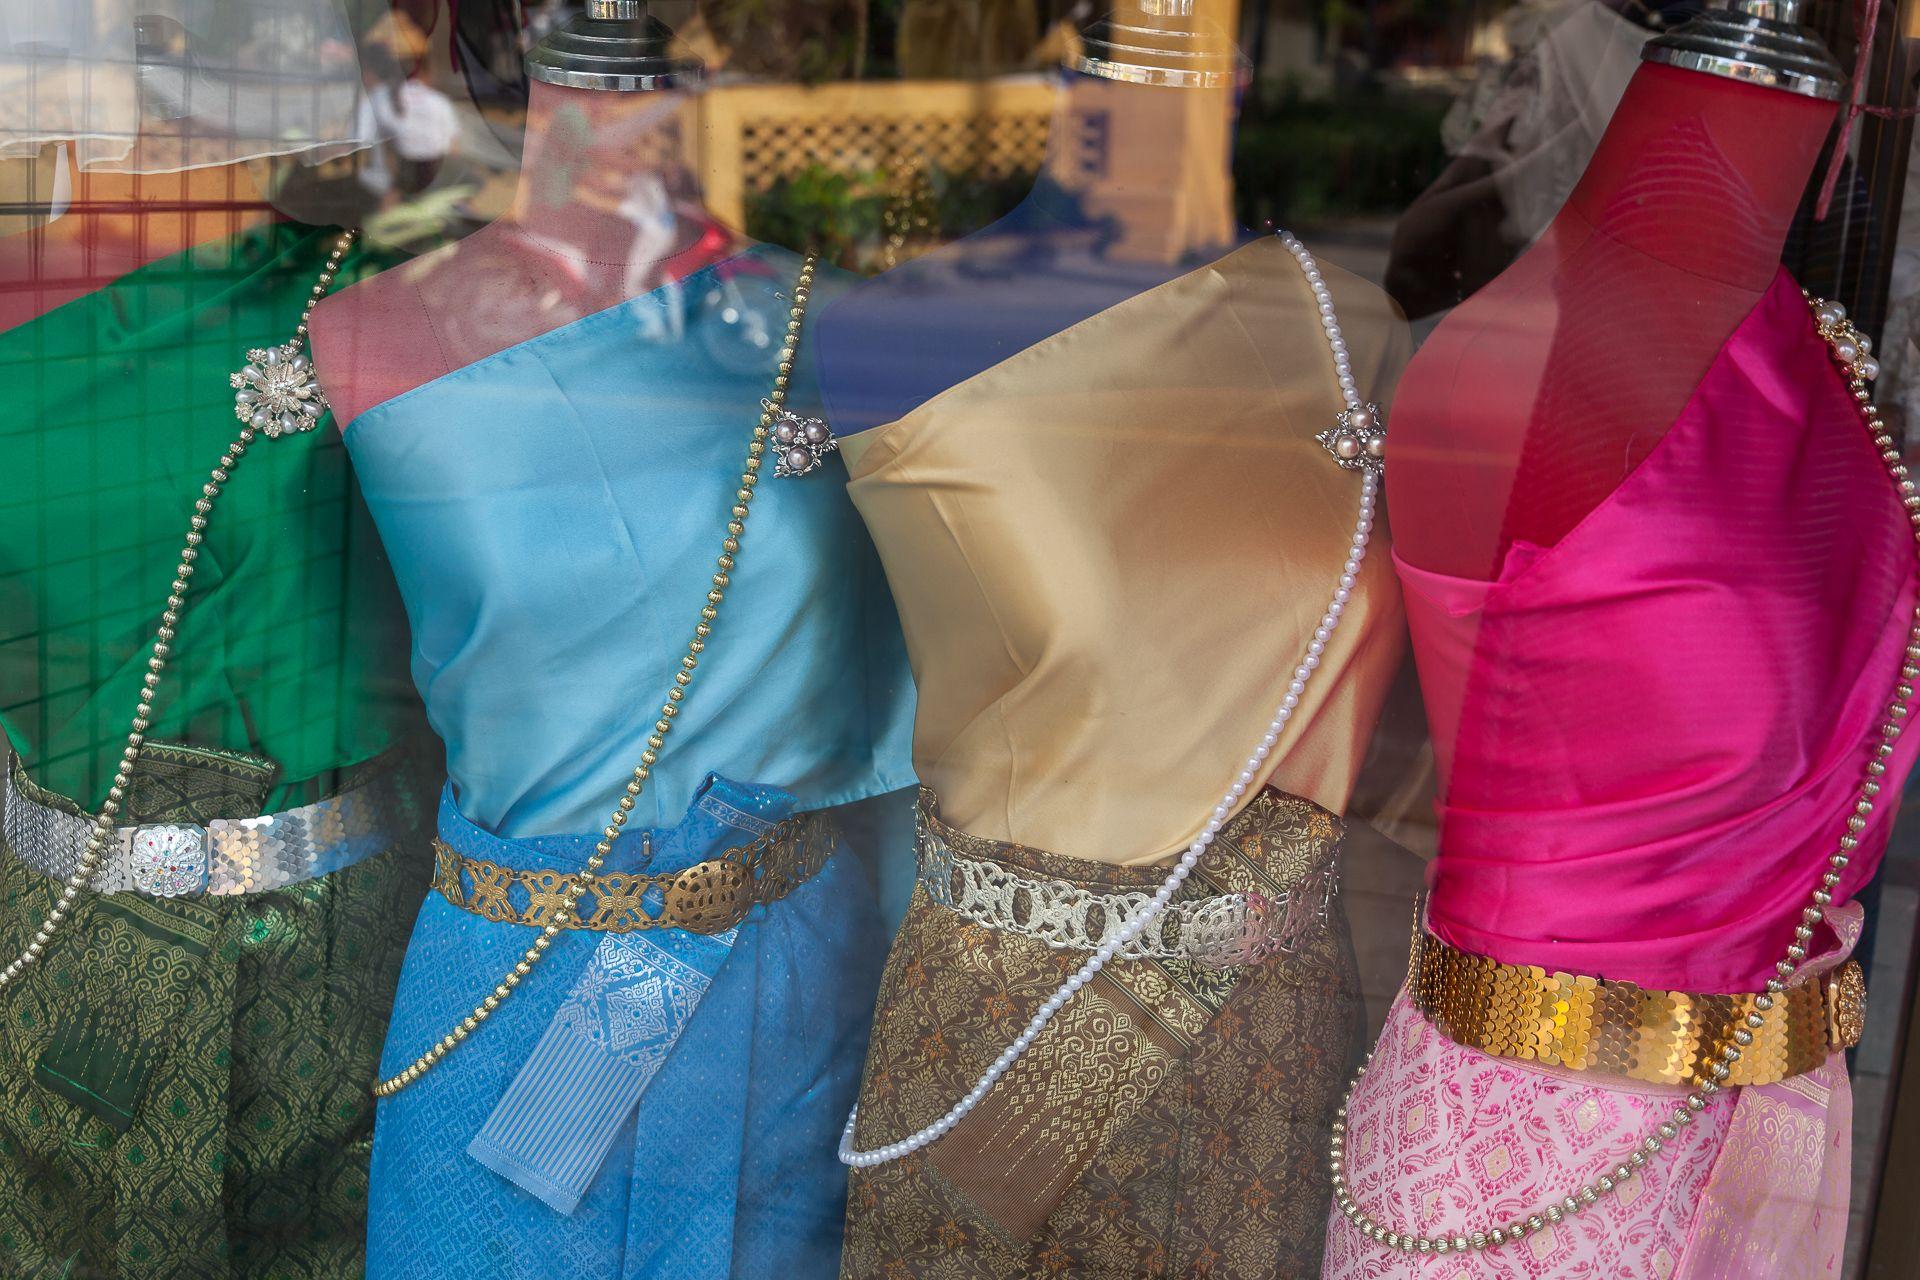 national costume, tradition, Thailand, Samui, национальный костюм, традиционный тайский костюм, юбка, шелк, тайский шелк, красота, шарф, свадьба, тайская свадьба, тайцы, Тайланд, Таиланд